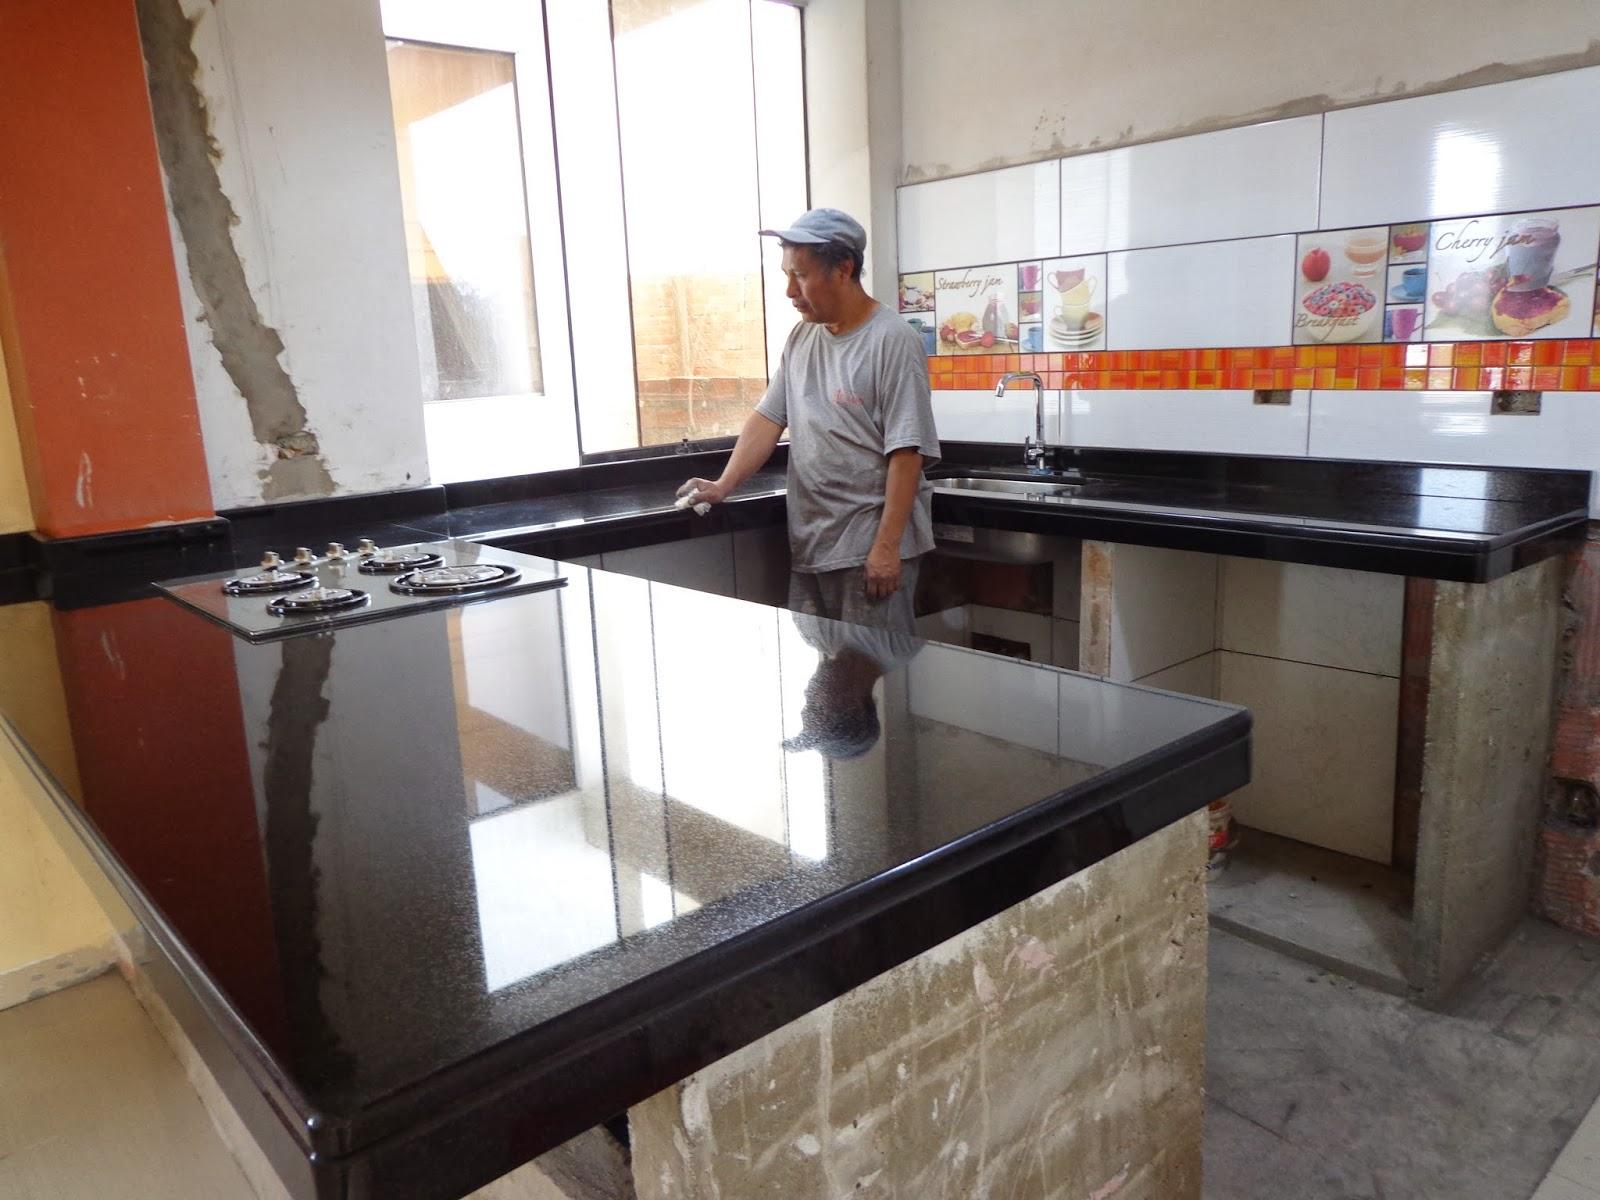 Encimeras mesas tableros cocina granito cuarzo marmol - Ceramica para cocinas ...